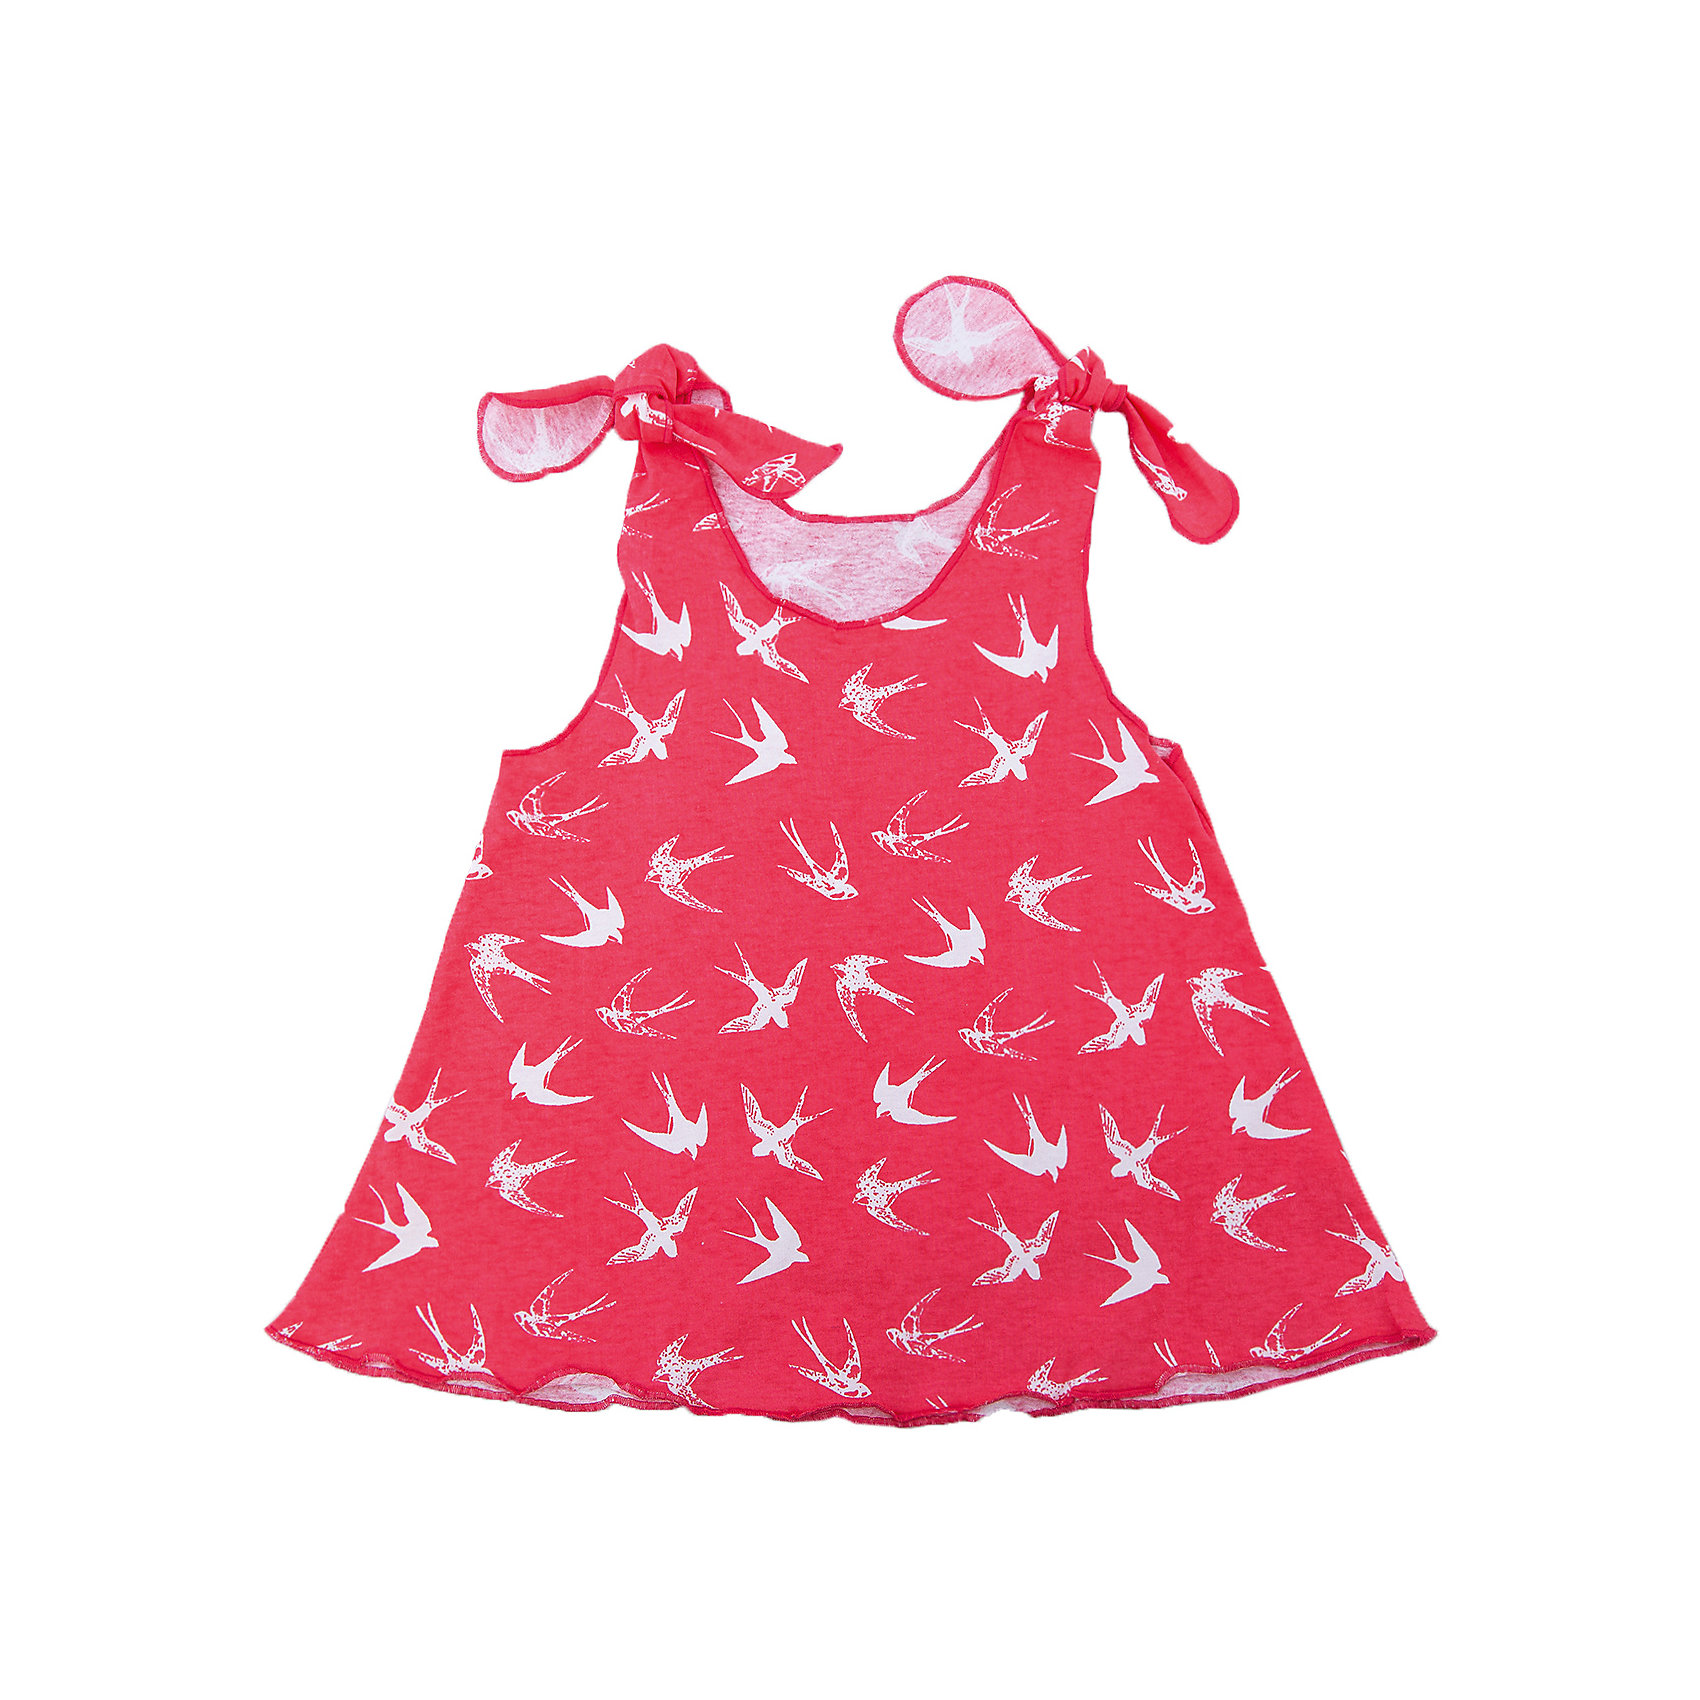 Платье для девочки KotMarKotПлатья и сарафаны<br>Платье для девочки KotMarKot<br>Состав:<br>100% хлопок<br><br>Ширина мм: 236<br>Глубина мм: 16<br>Высота мм: 184<br>Вес г: 177<br>Цвет: розовый<br>Возраст от месяцев: 60<br>Возраст до месяцев: 72<br>Пол: Женский<br>Возраст: Детский<br>Размер: 116,122,92,98,104,110<br>SKU: 6755133